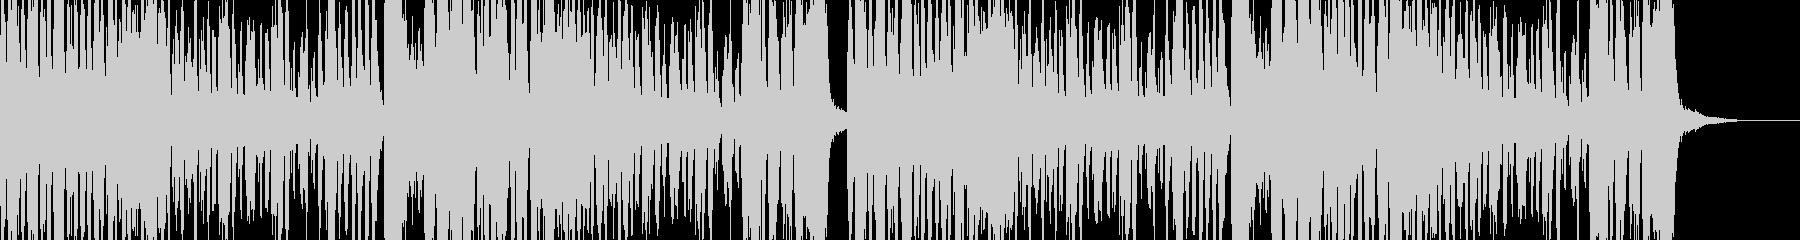 コミカルなドタバタコメディー的なBGMの未再生の波形